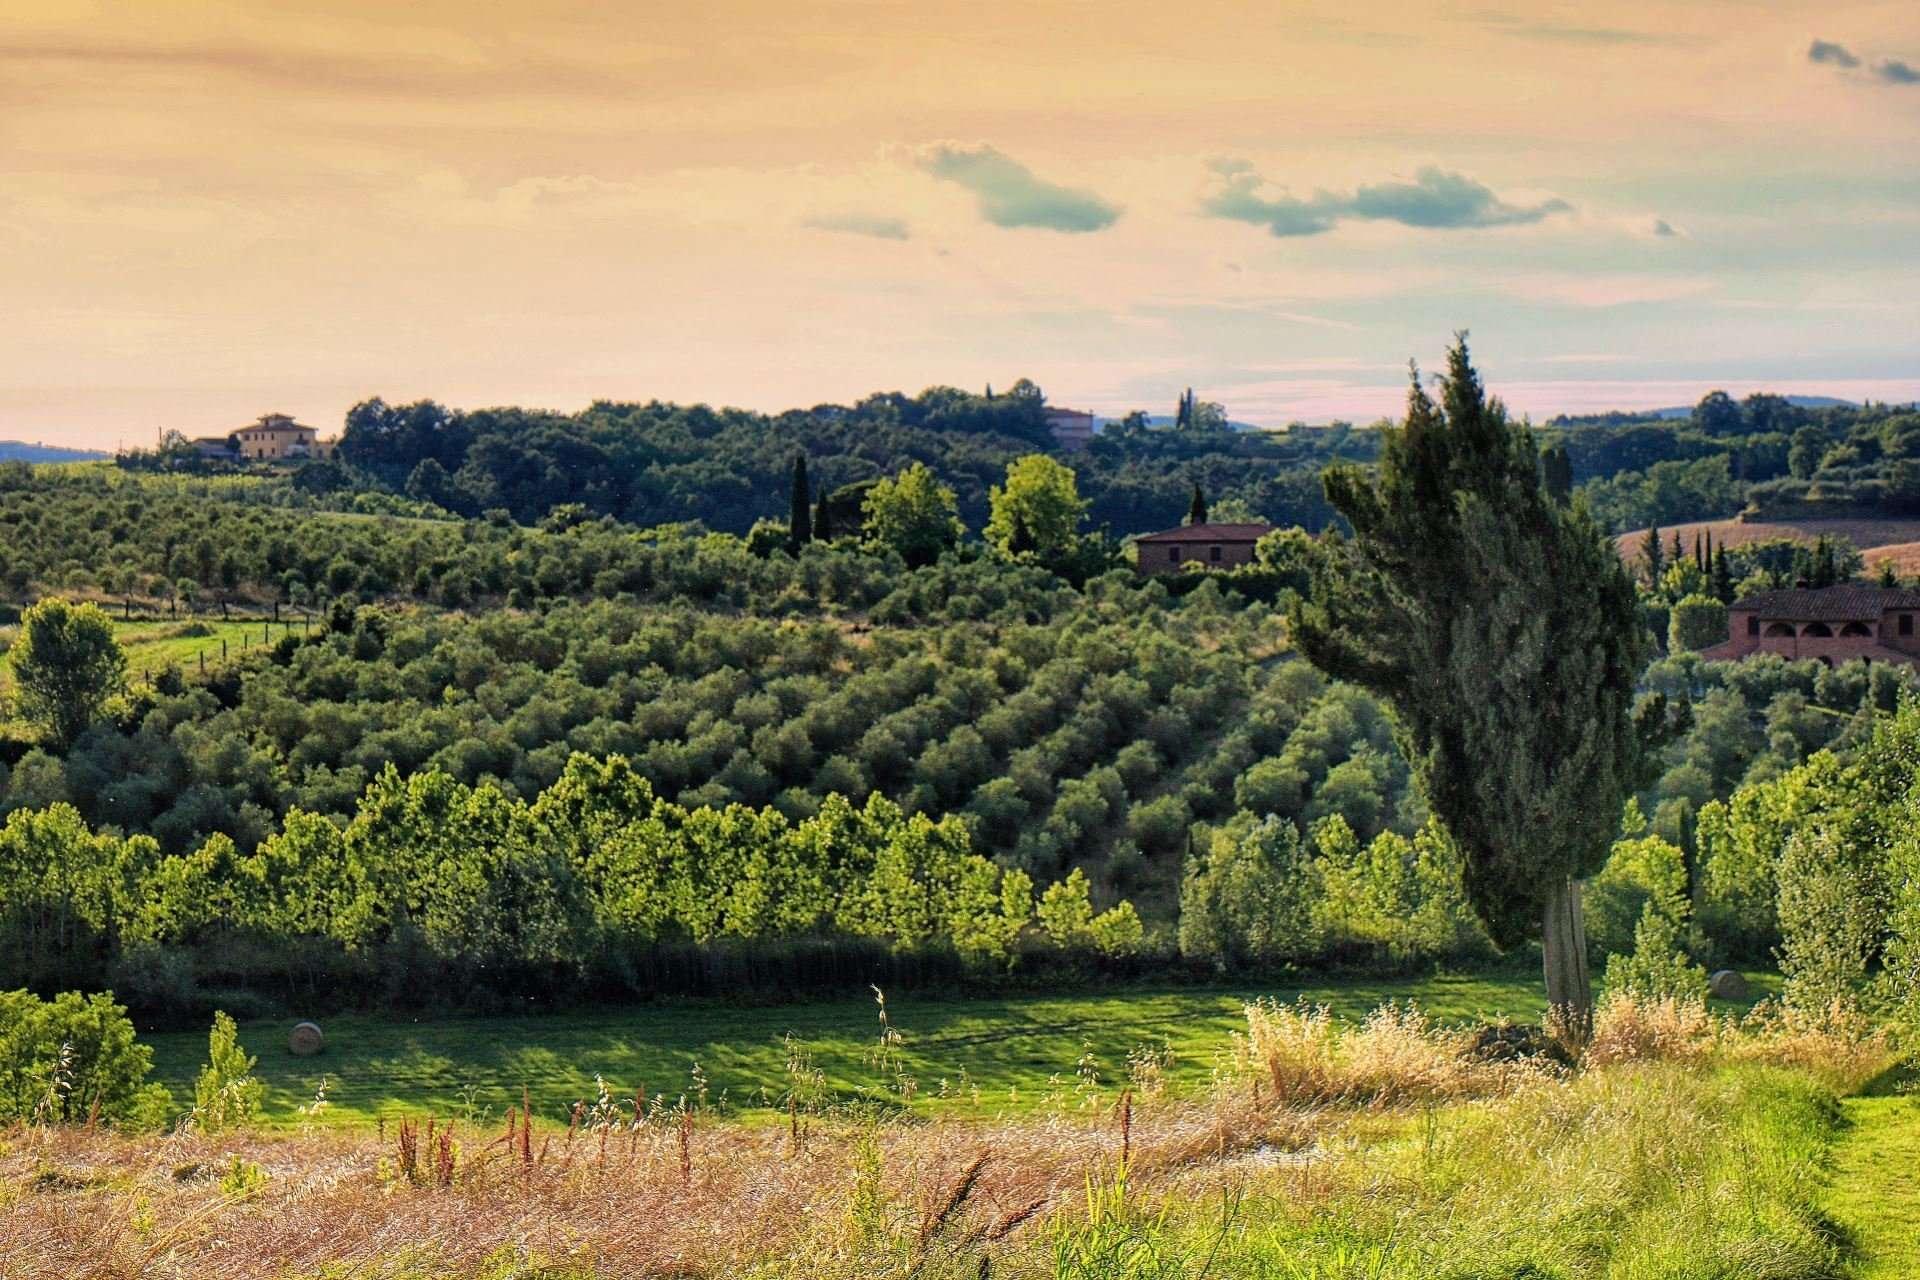 selva degli ulivi - uitzicht op olijfbomen en wijngaarden